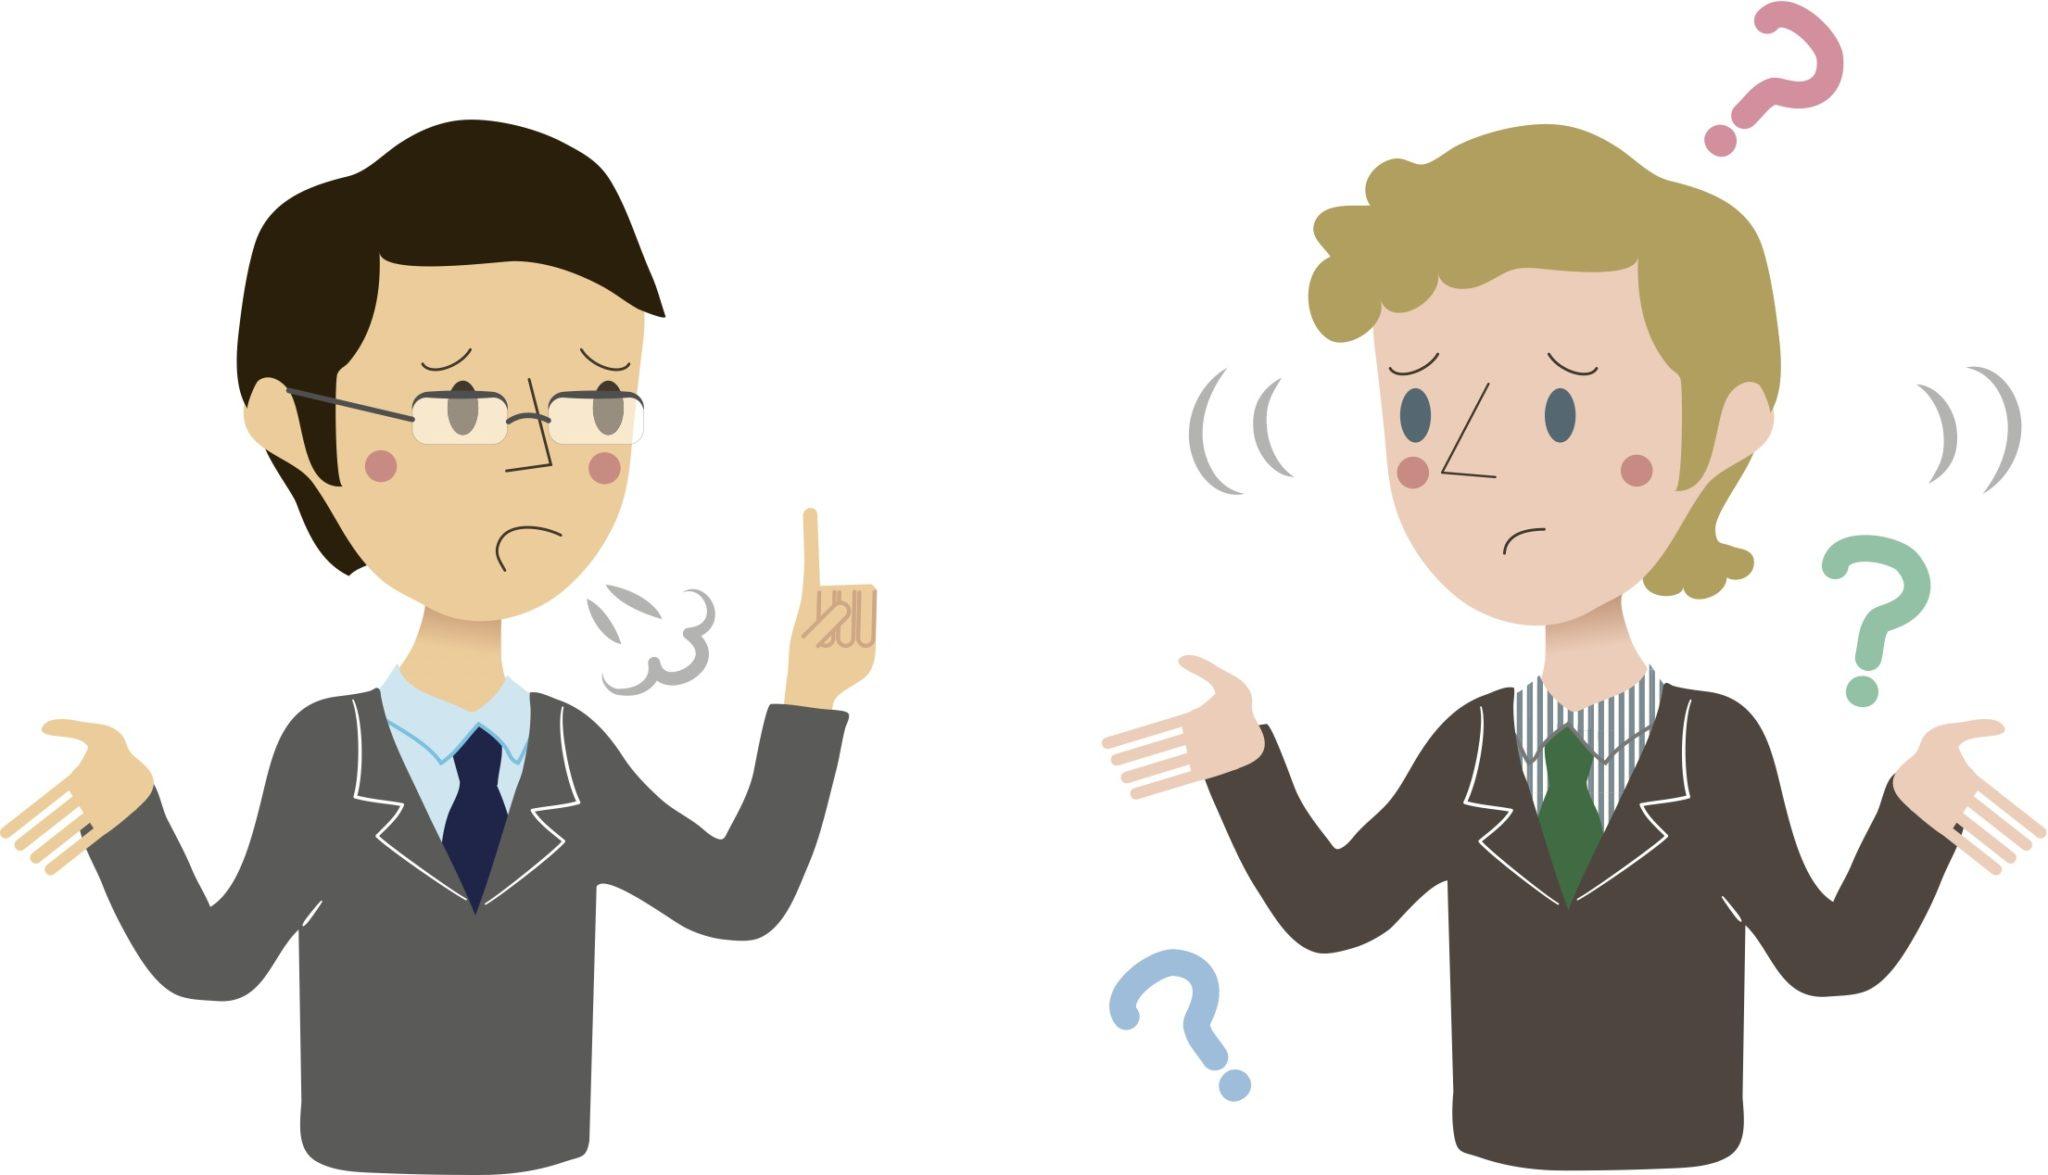 Học kỹ năng giao tiếp ở đâu tốt? Top trung tâm đào tạo uytisn